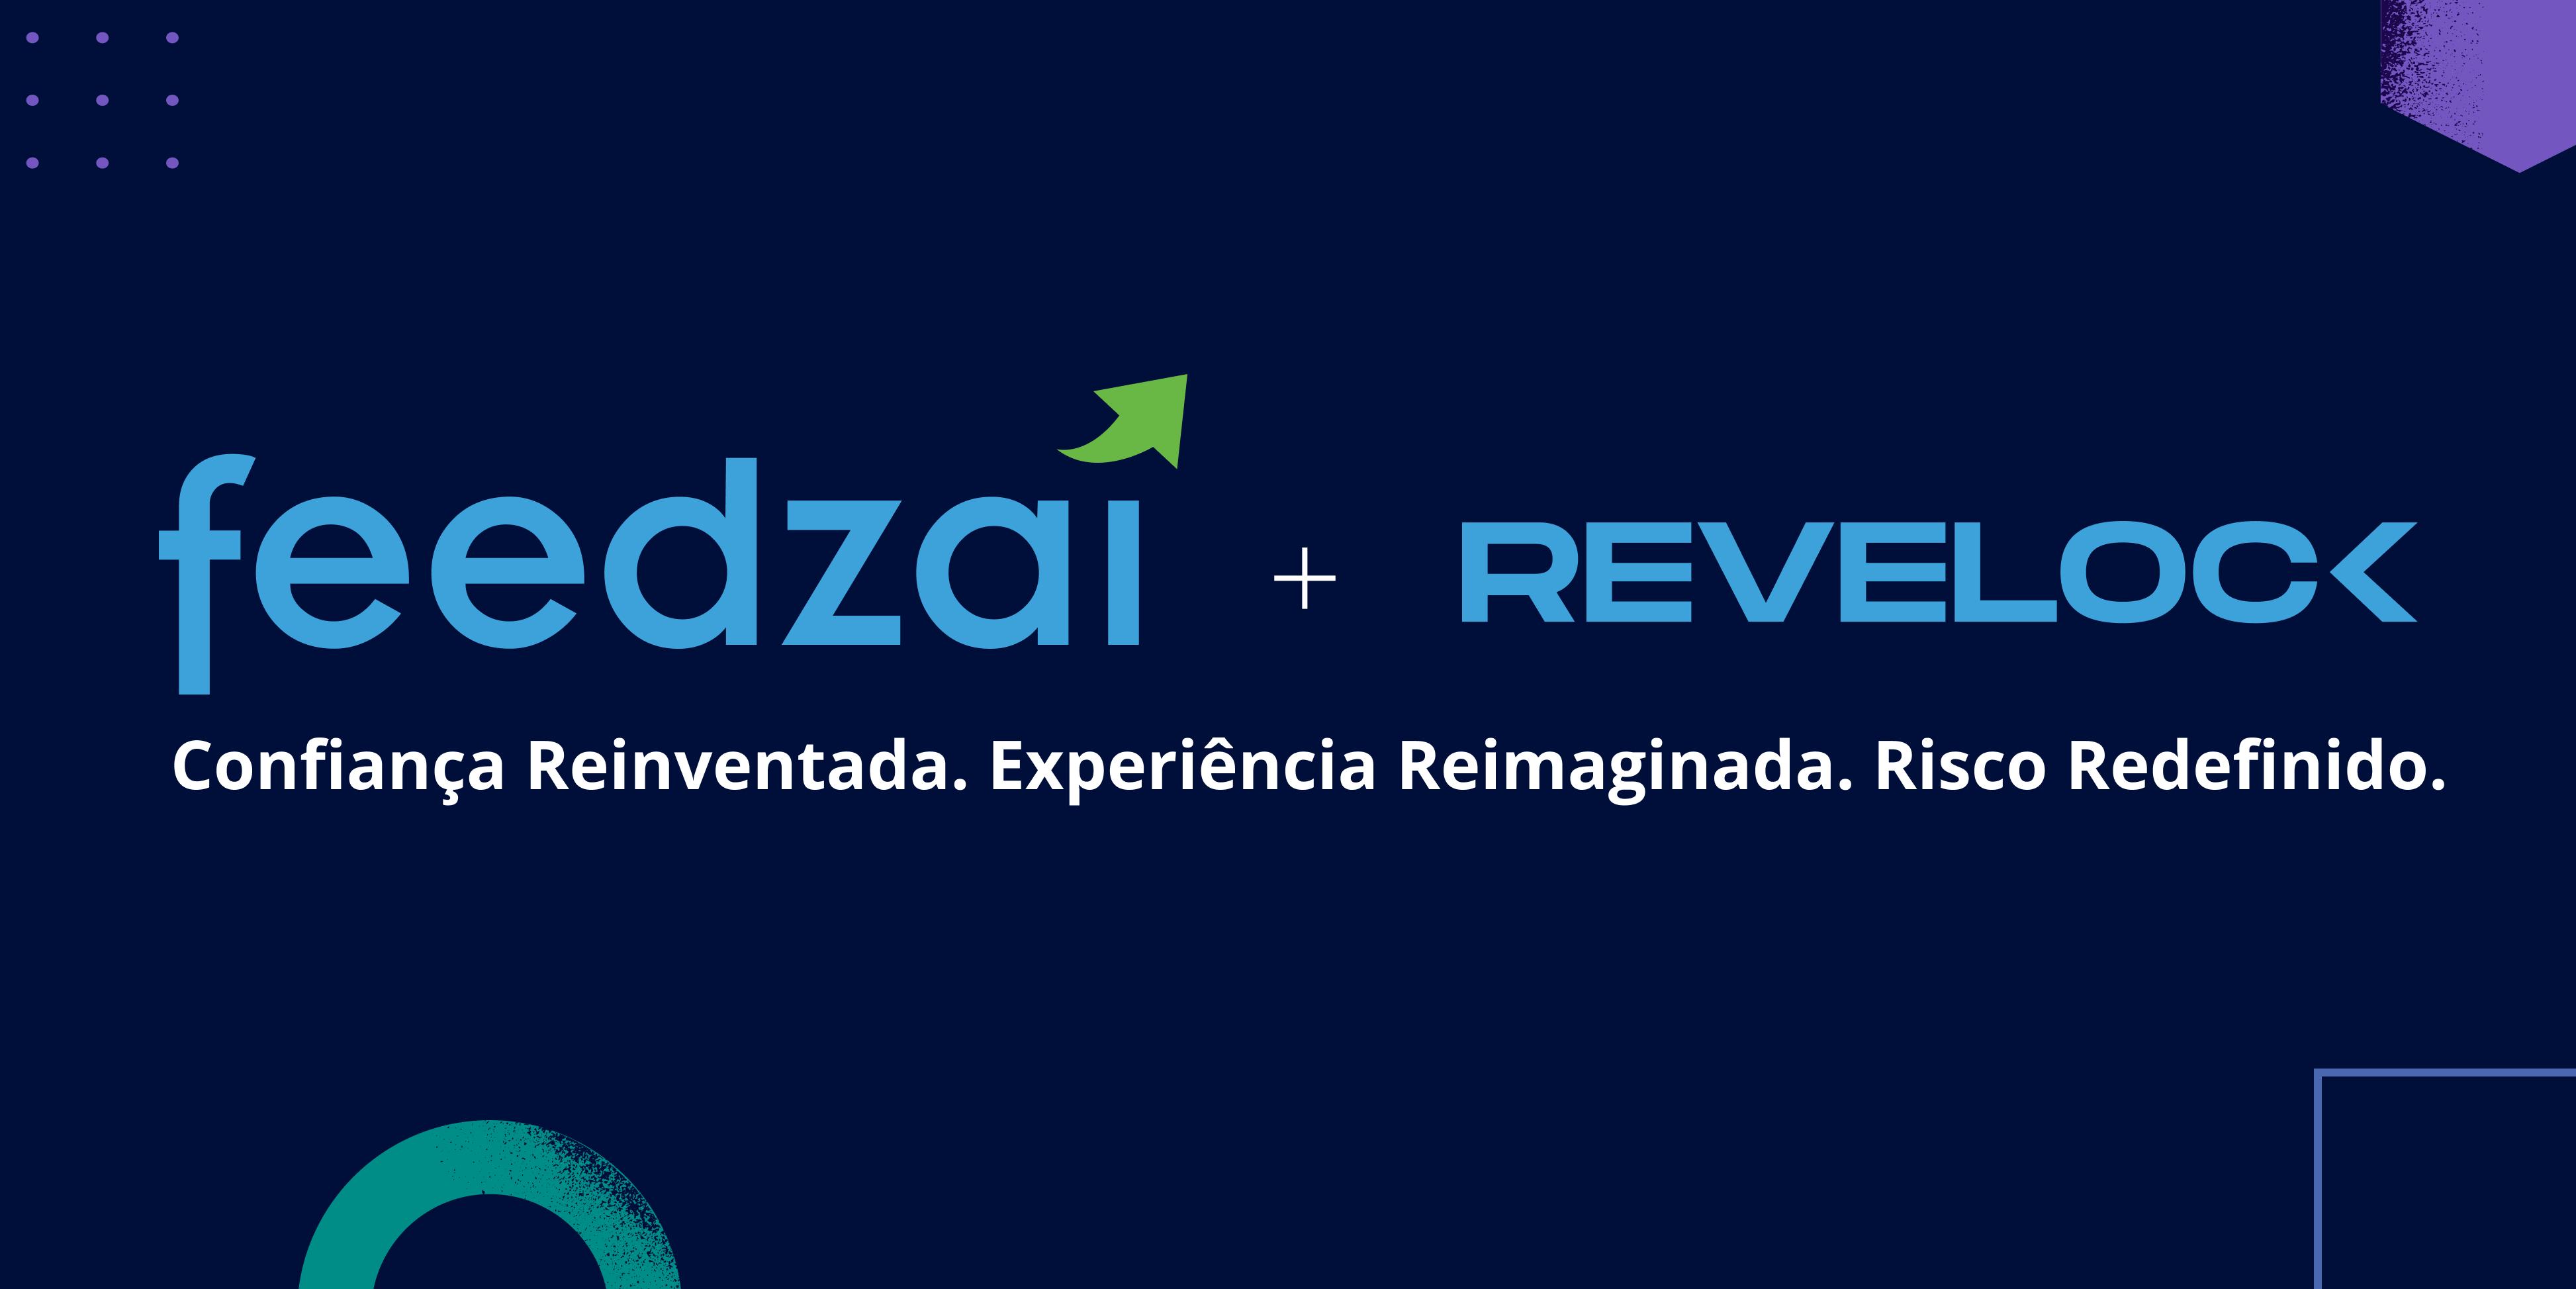 Aquisição da Revelock pela Feedzai é uma mudança no jogo